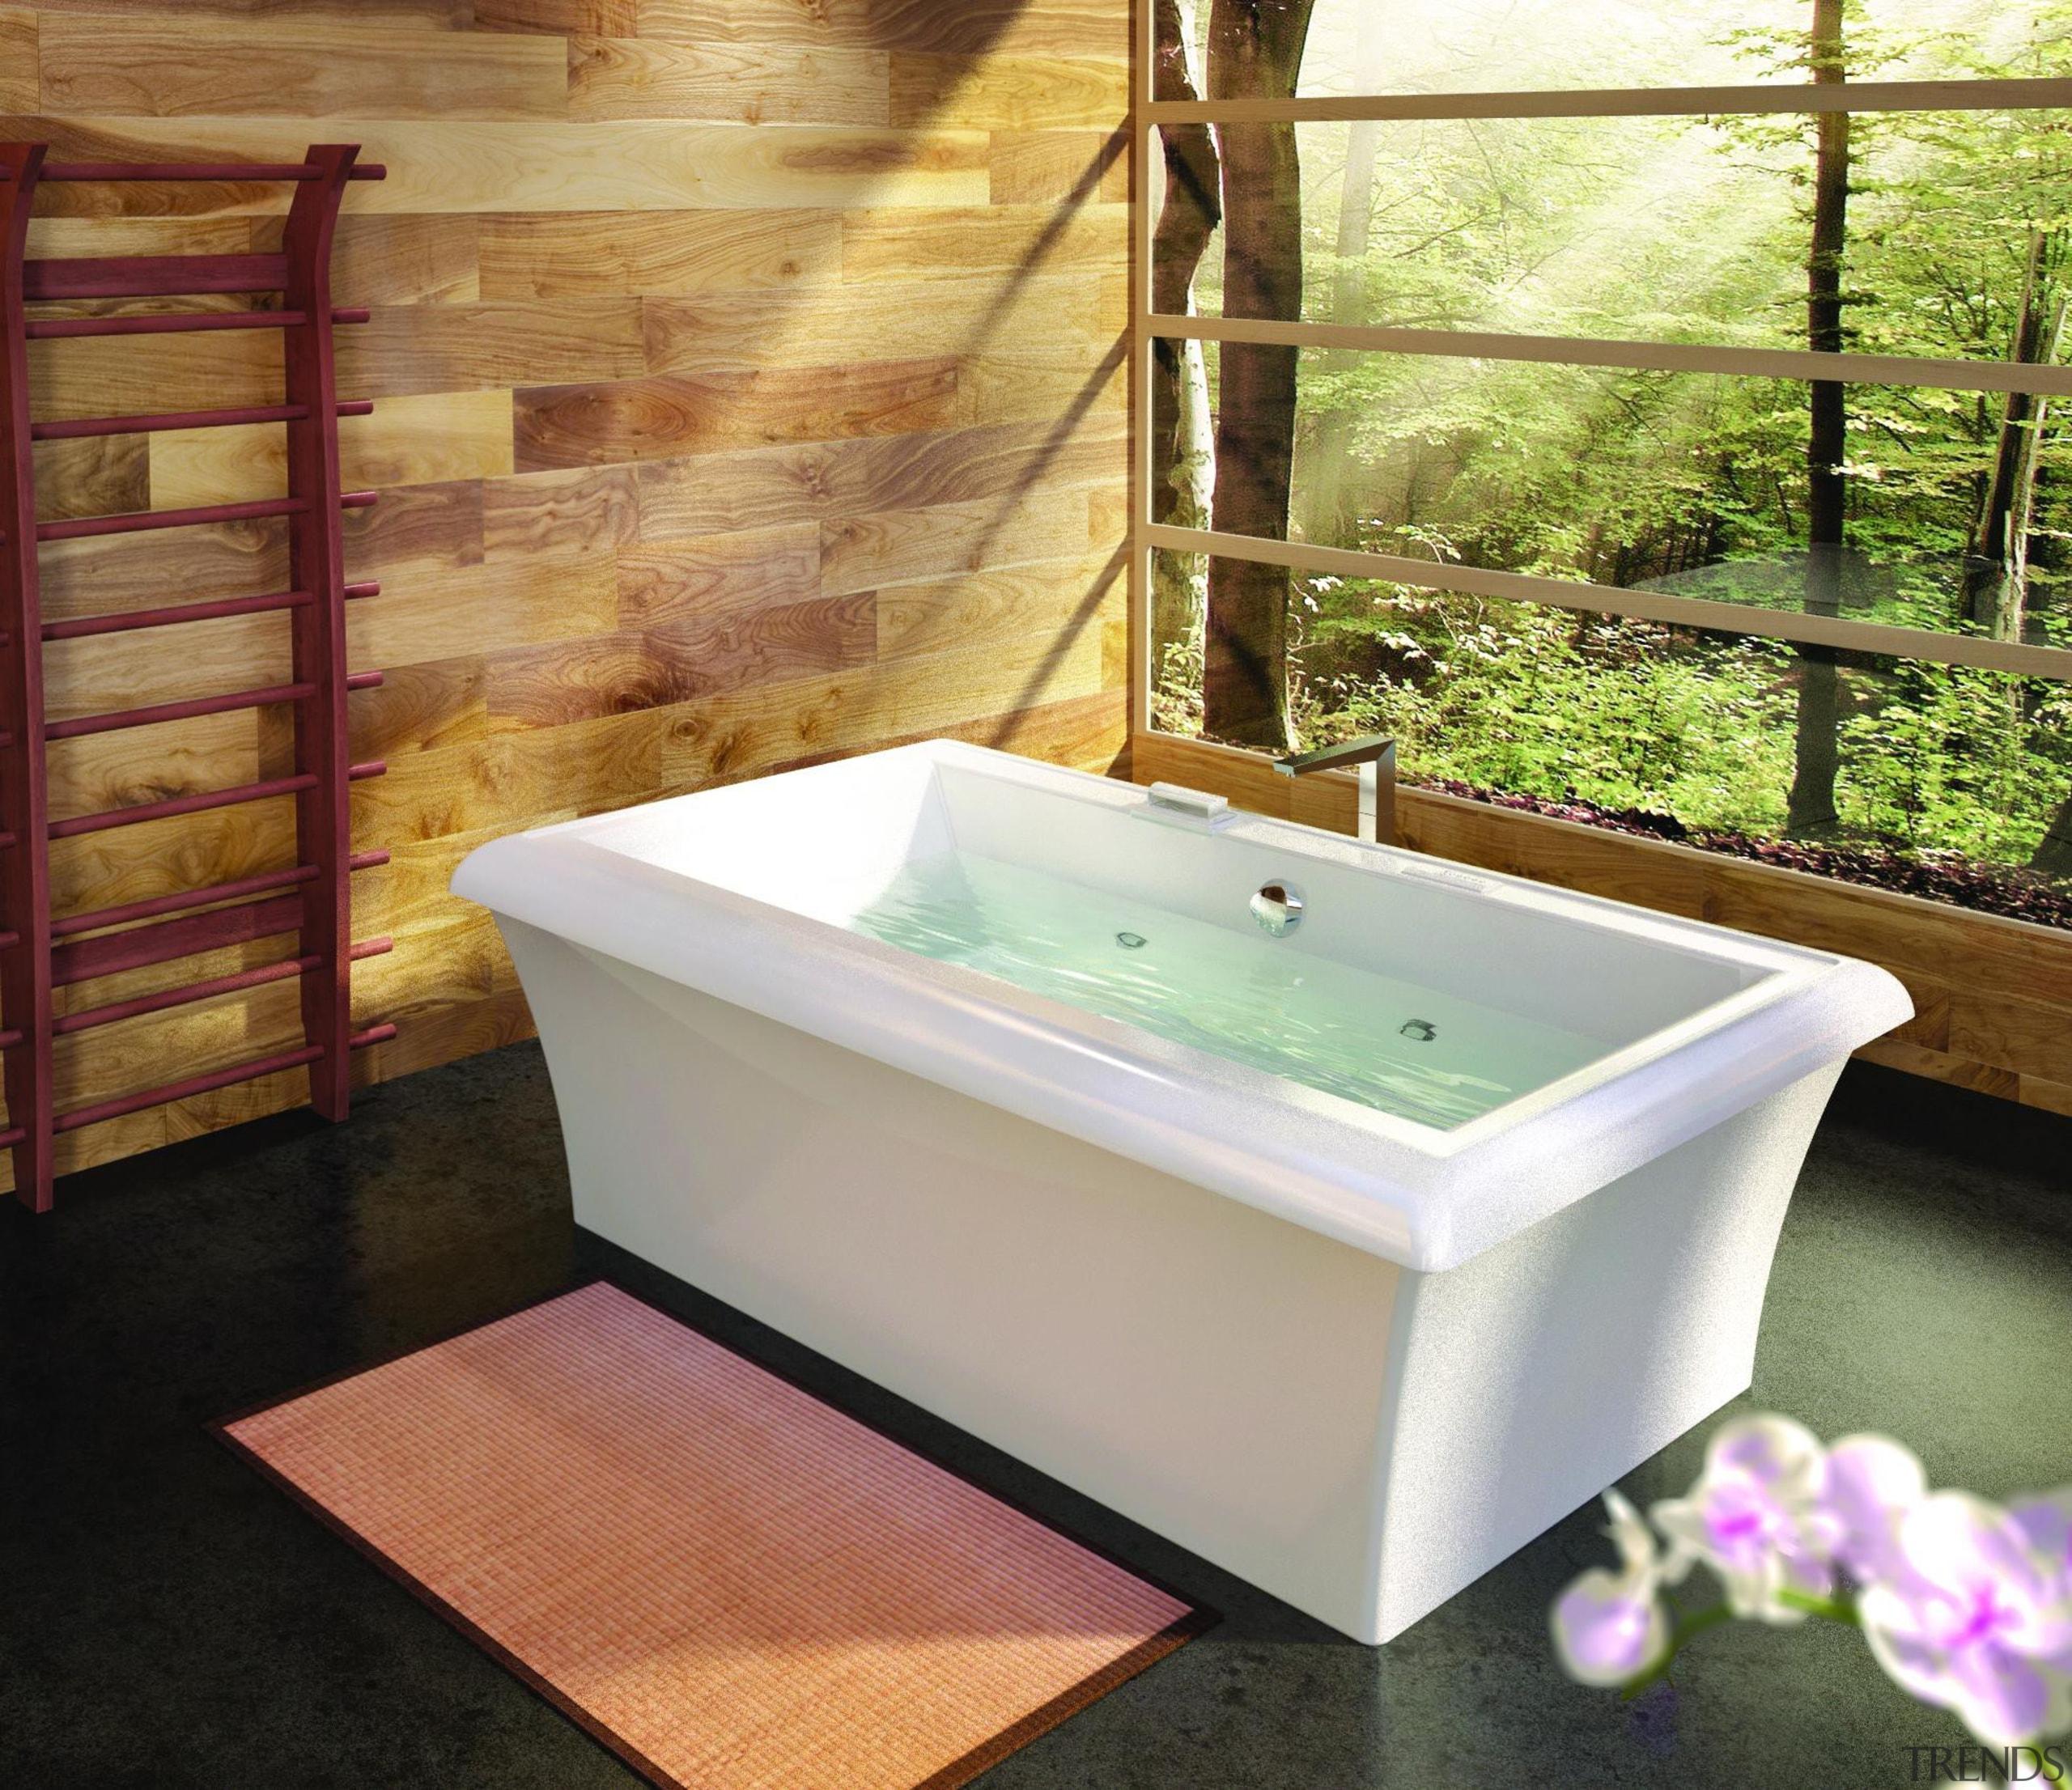 origami-design series fs.jpg - origami-design_series_fs.jpg - bathroom | bathroom, bathtub, jacuzzi, plumbing fixture